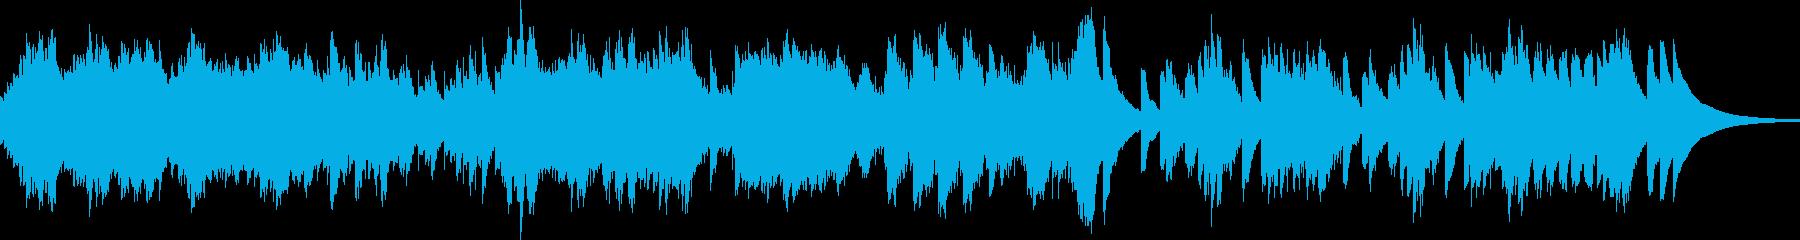 交響曲第40番より モーツアルトの再生済みの波形